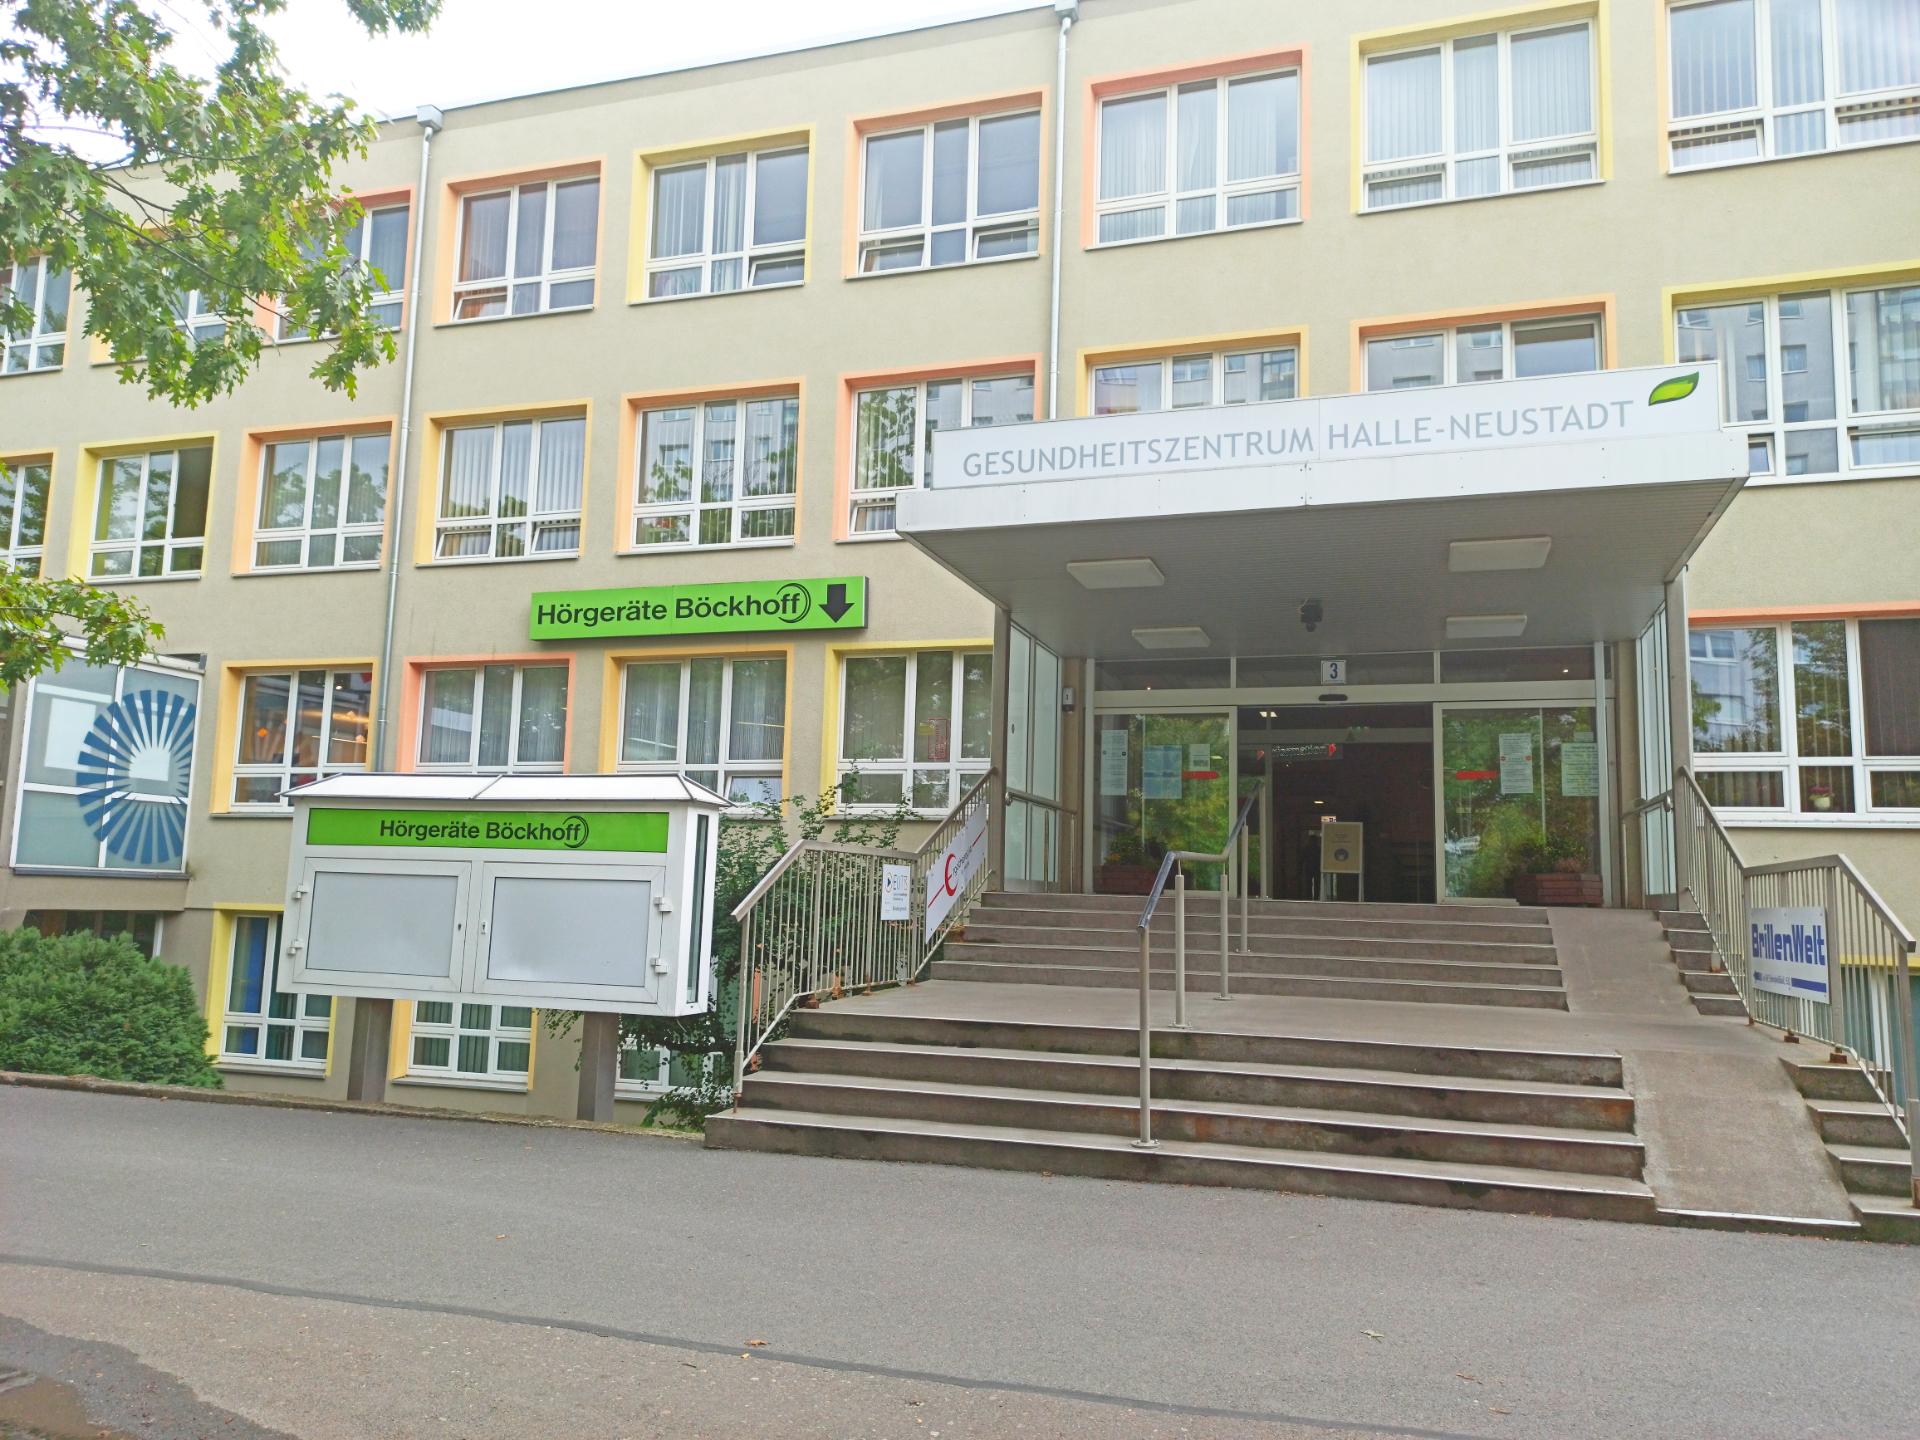 Außenansicht des Gesundheitszentrum in Halle-Neustadt